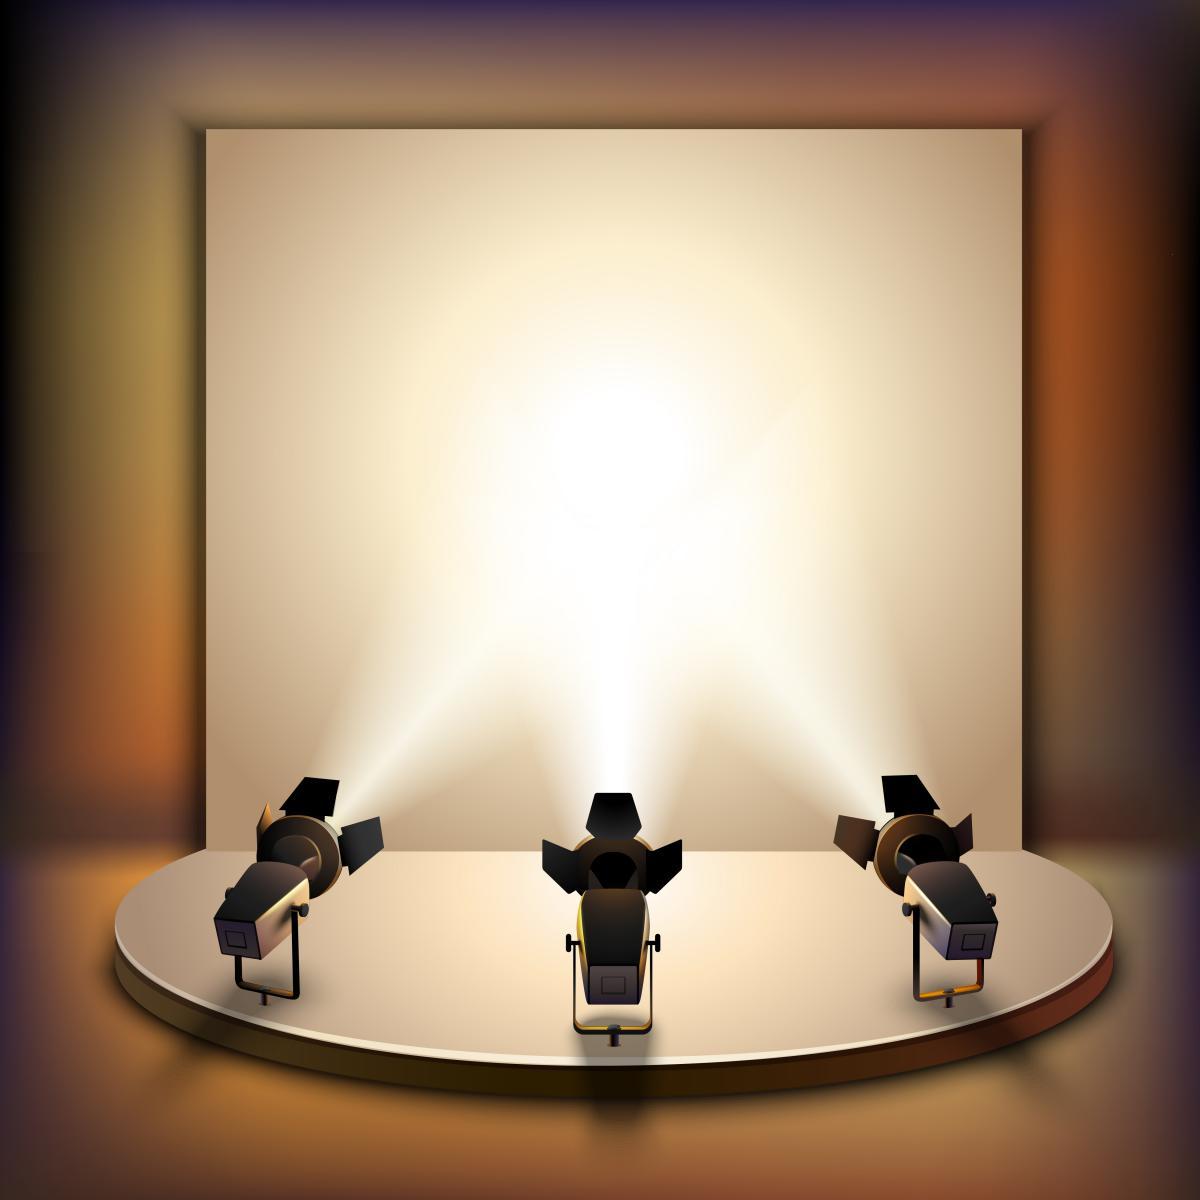 O que é Backdrop? Descubra quando usar e as principais vantagens